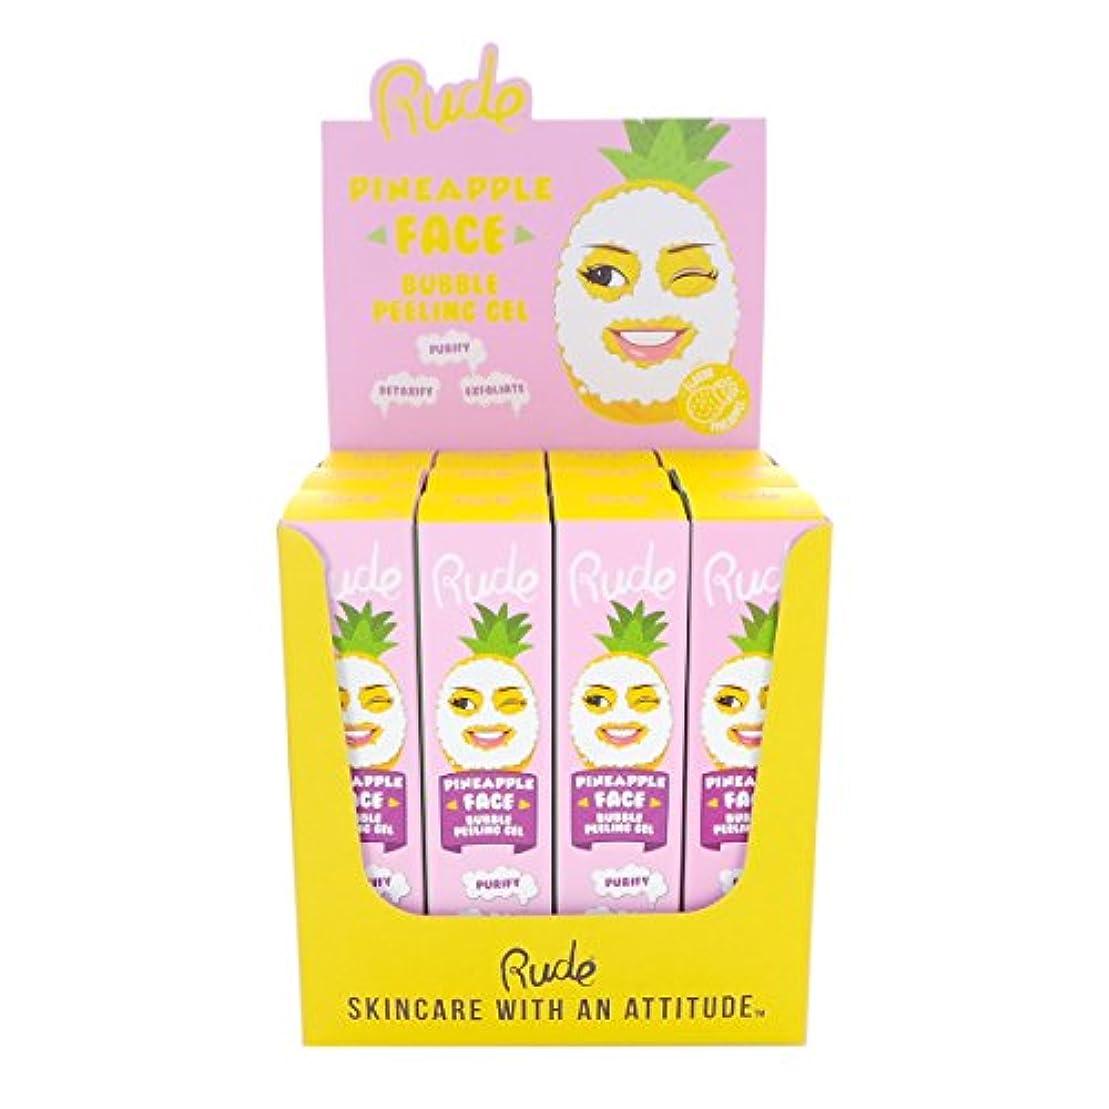 羊飼い肺炎徹底RUDE Pineapple Face Bubble Peeling Gel Paper Display Set, 12 Pieces (並行輸入品)